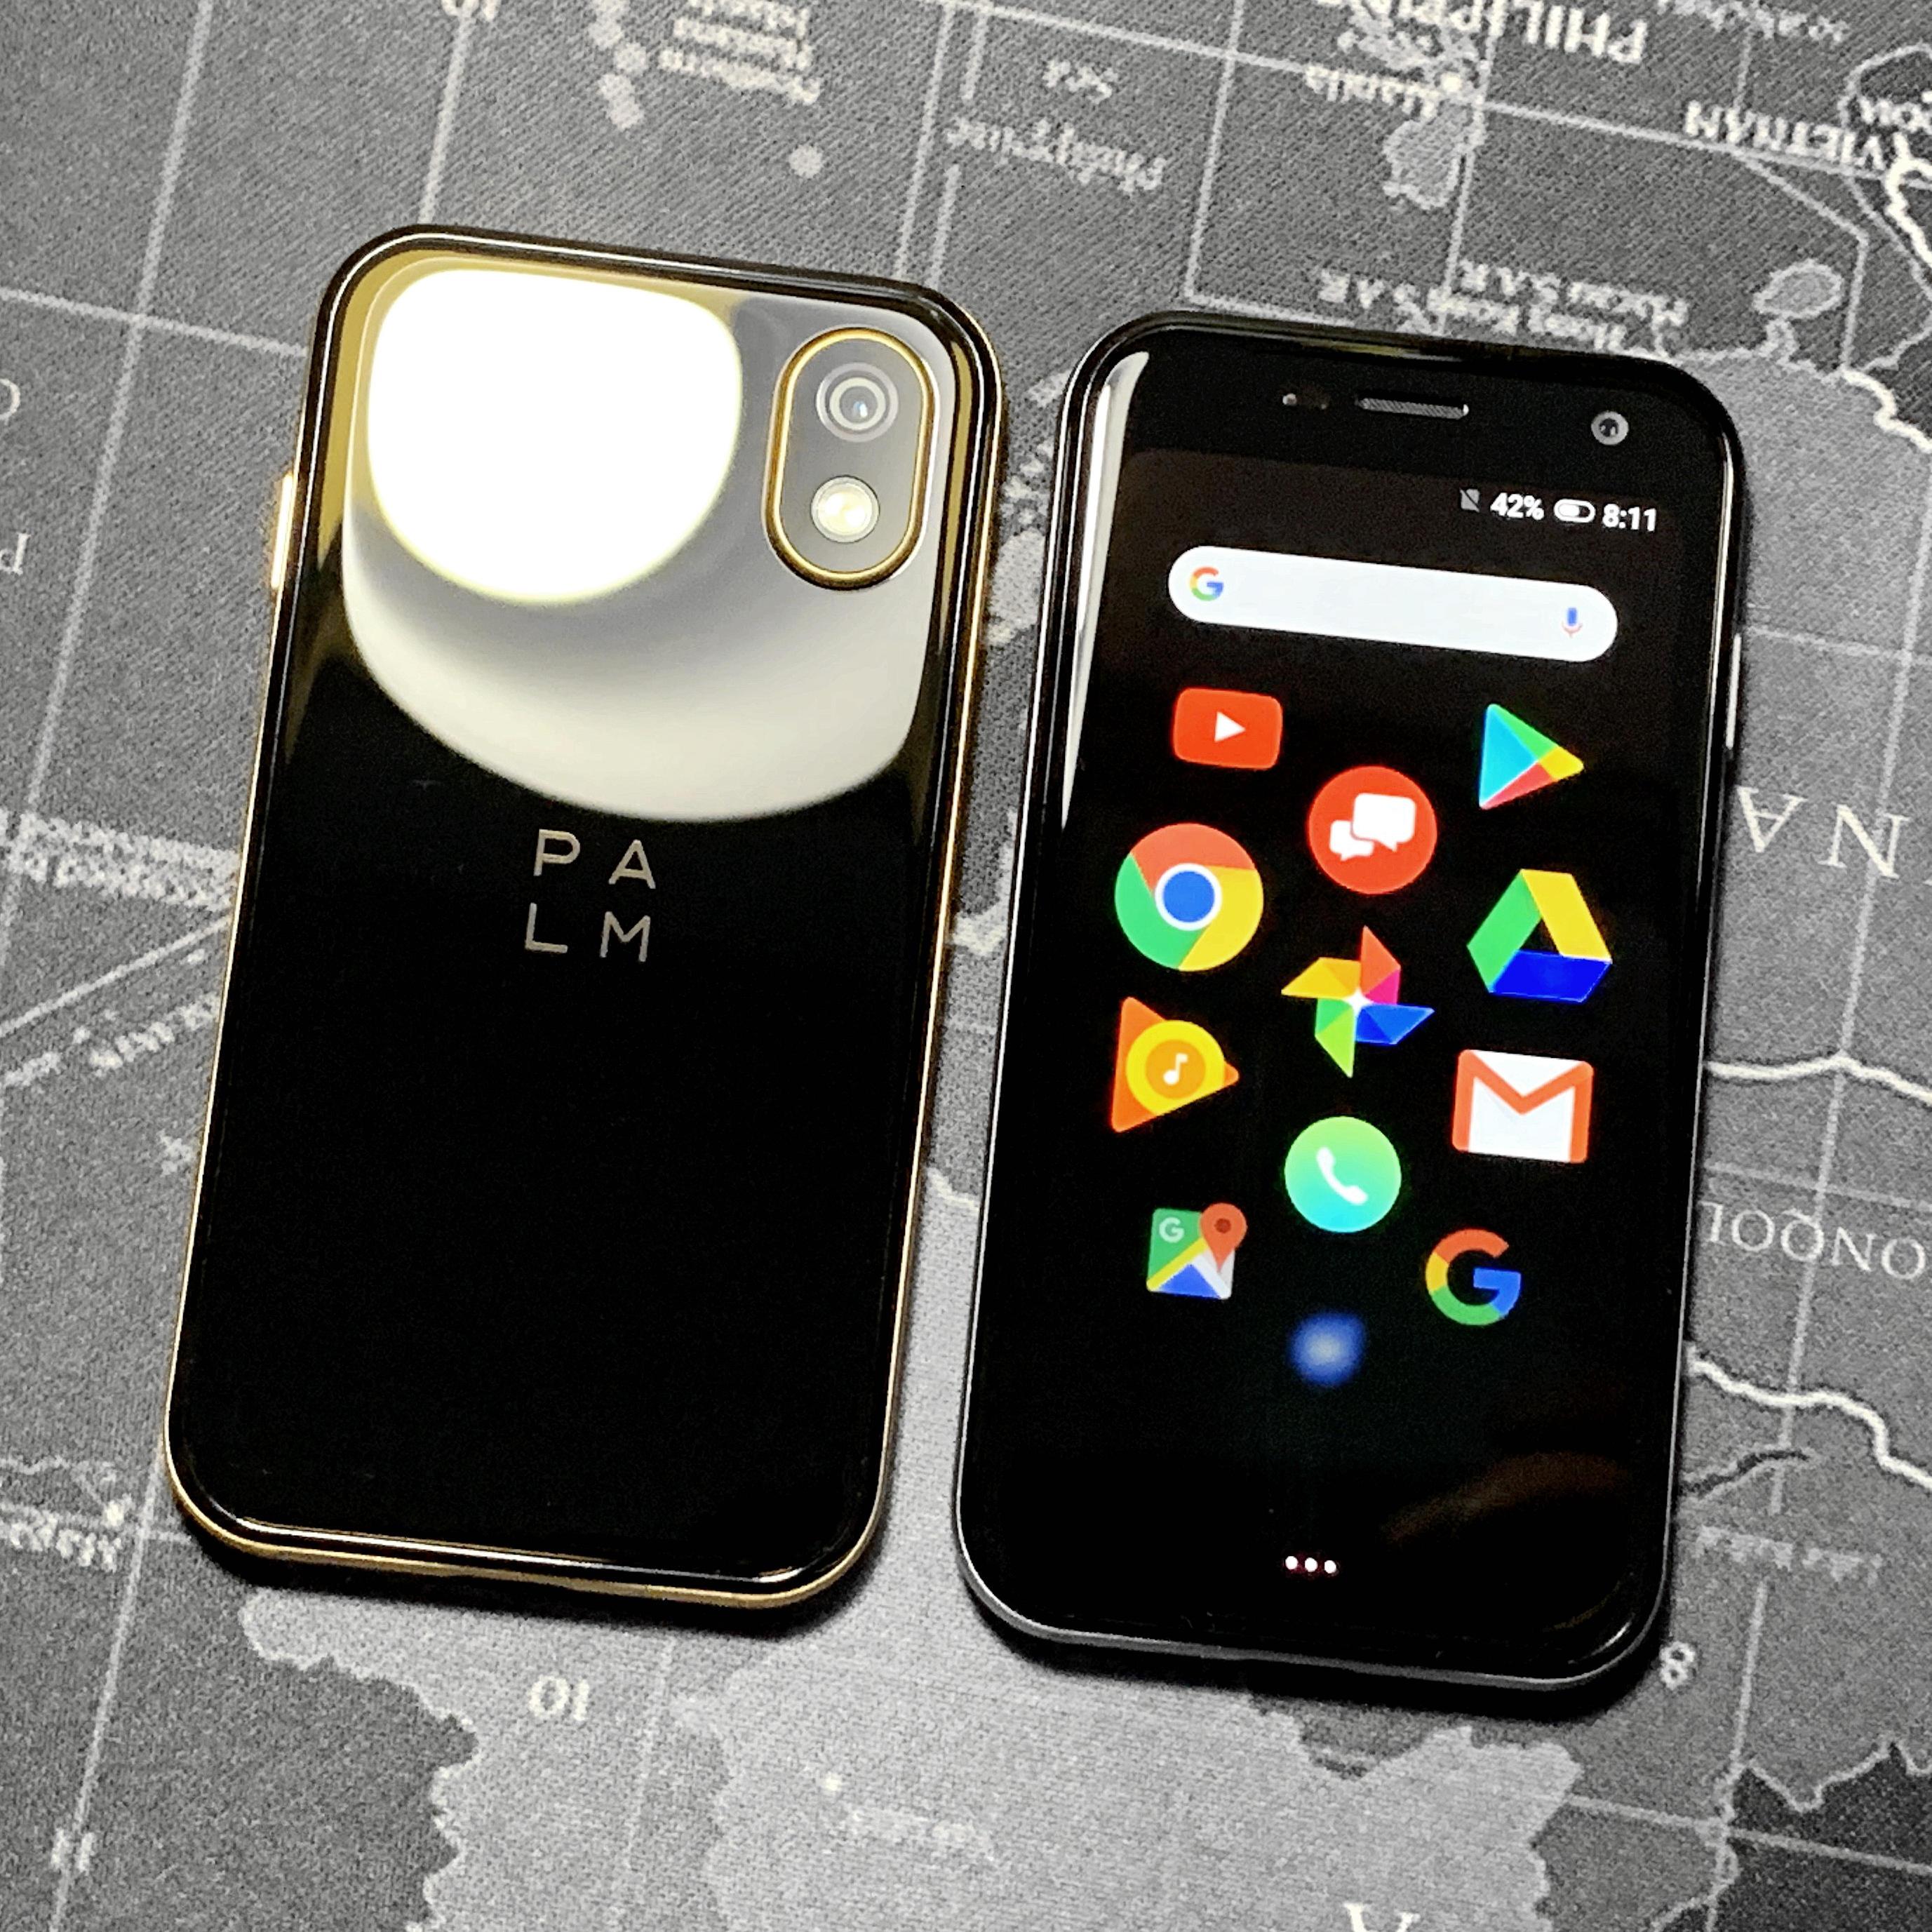 Palm phone 卡片手机 谷歌系统 迷你Palm/奔迈 Pre(G) palm手机